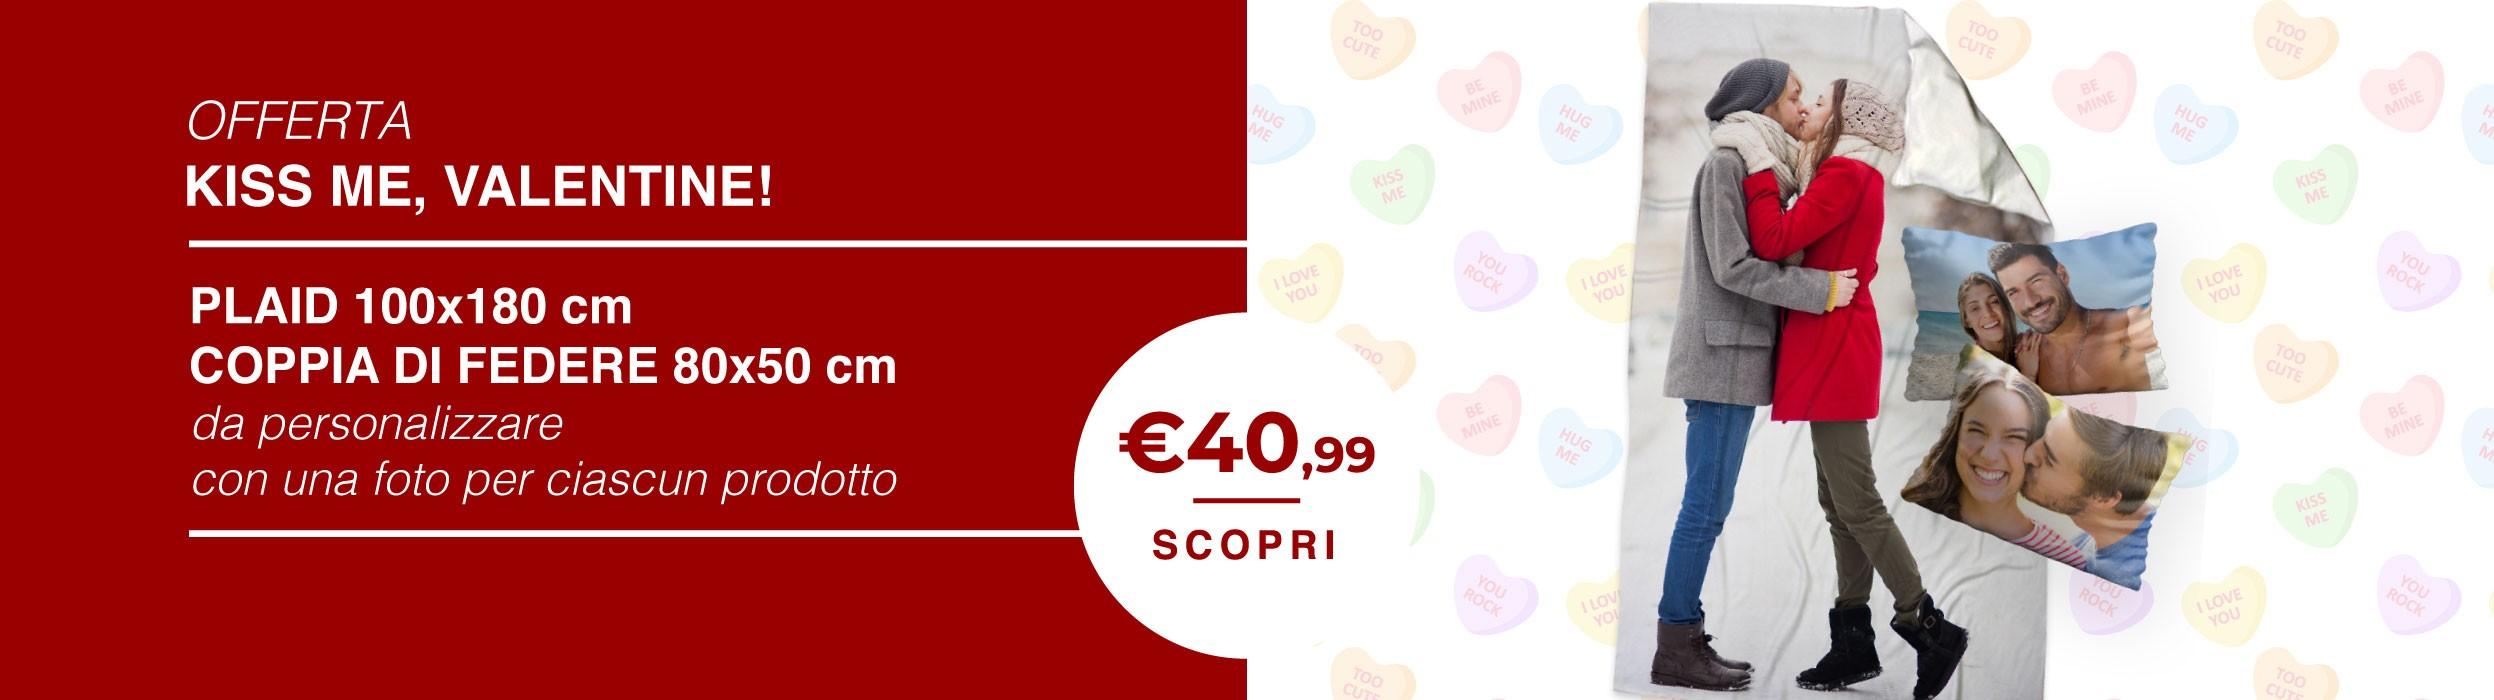 Kiss me, Valentine 2019 - 1 plaid 100x180 e 1 coppia federe cuscini 80x50 personalizzati con una foto